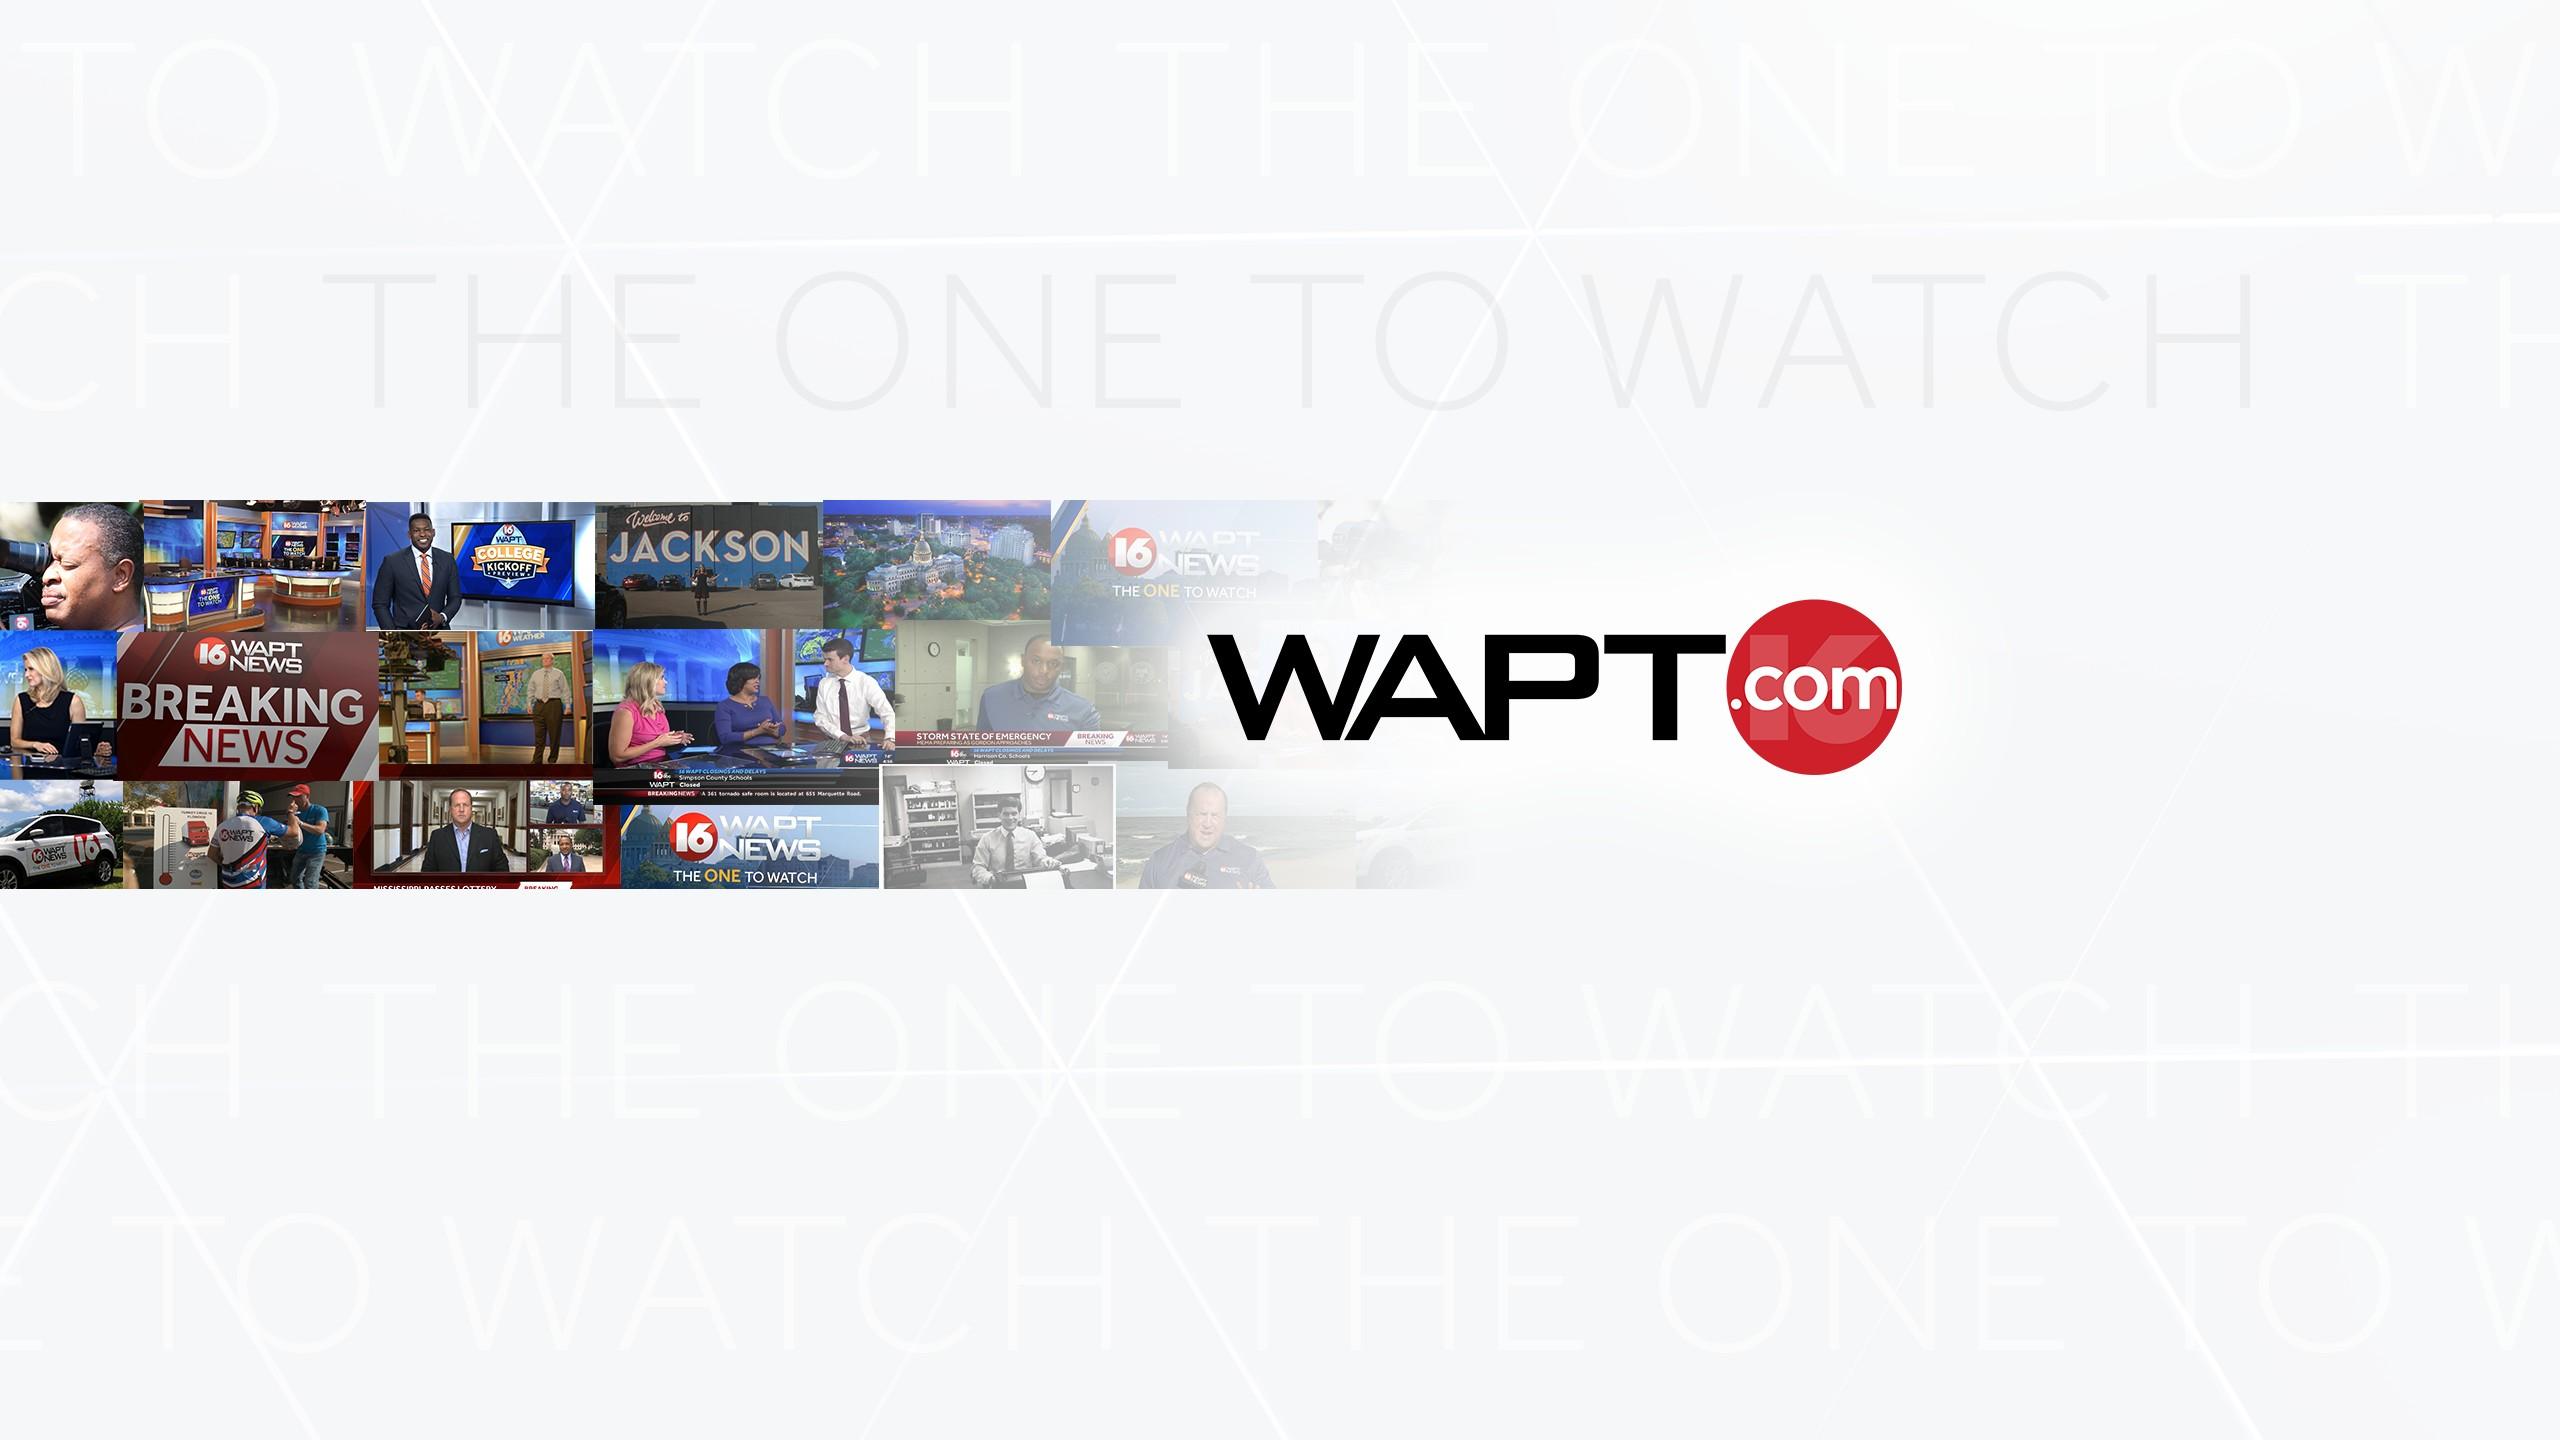 WAPT-TV | LinkedIn